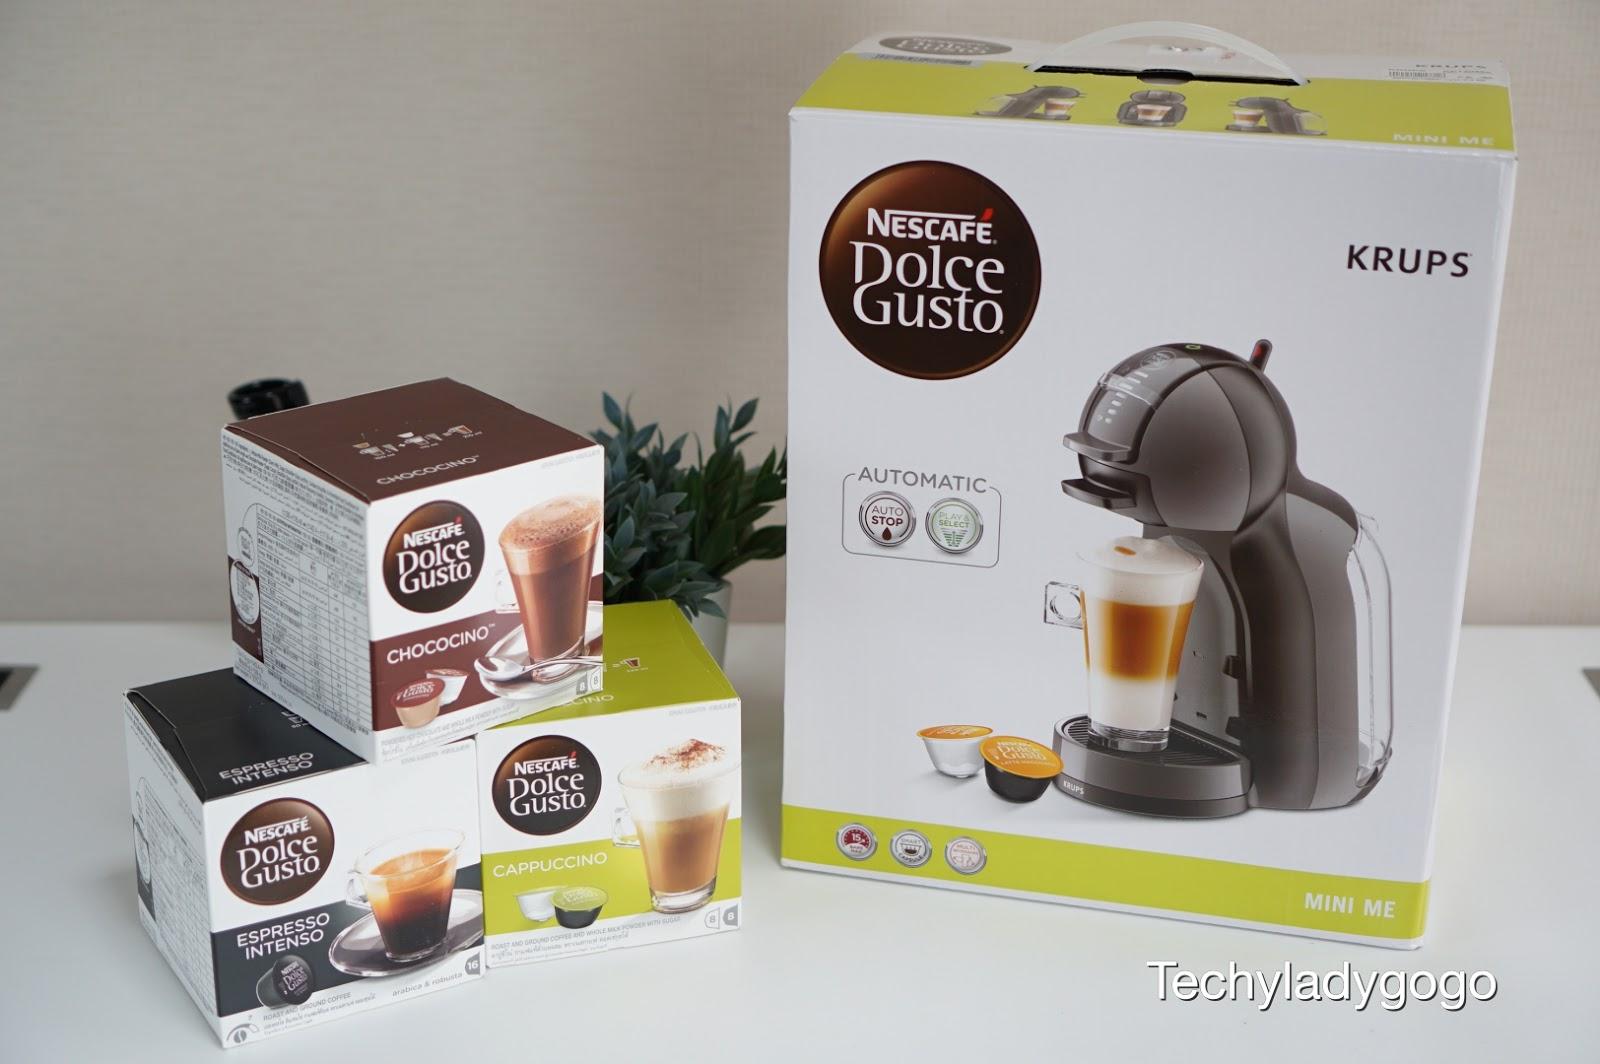 เนสกาแฟ Dolce Gusto รุ่น Mini Me แถมแคปซูลกาแฟมาให้ 3 กล่อง (กล่องละ 16 แคปซูล) 3 รสชาติ ได้แก่ Espresso Intenso, Cappuccino และ Choccocino พร้อมรับซ่อมและส่งคืนถึงบ้าน และยังแถม Variety pack มาให้อีก 6 แคปซูล ทั้งหมดนี้ลดพิเศษจากราคา ฿4,490 เหลือเพียง ฿3,490